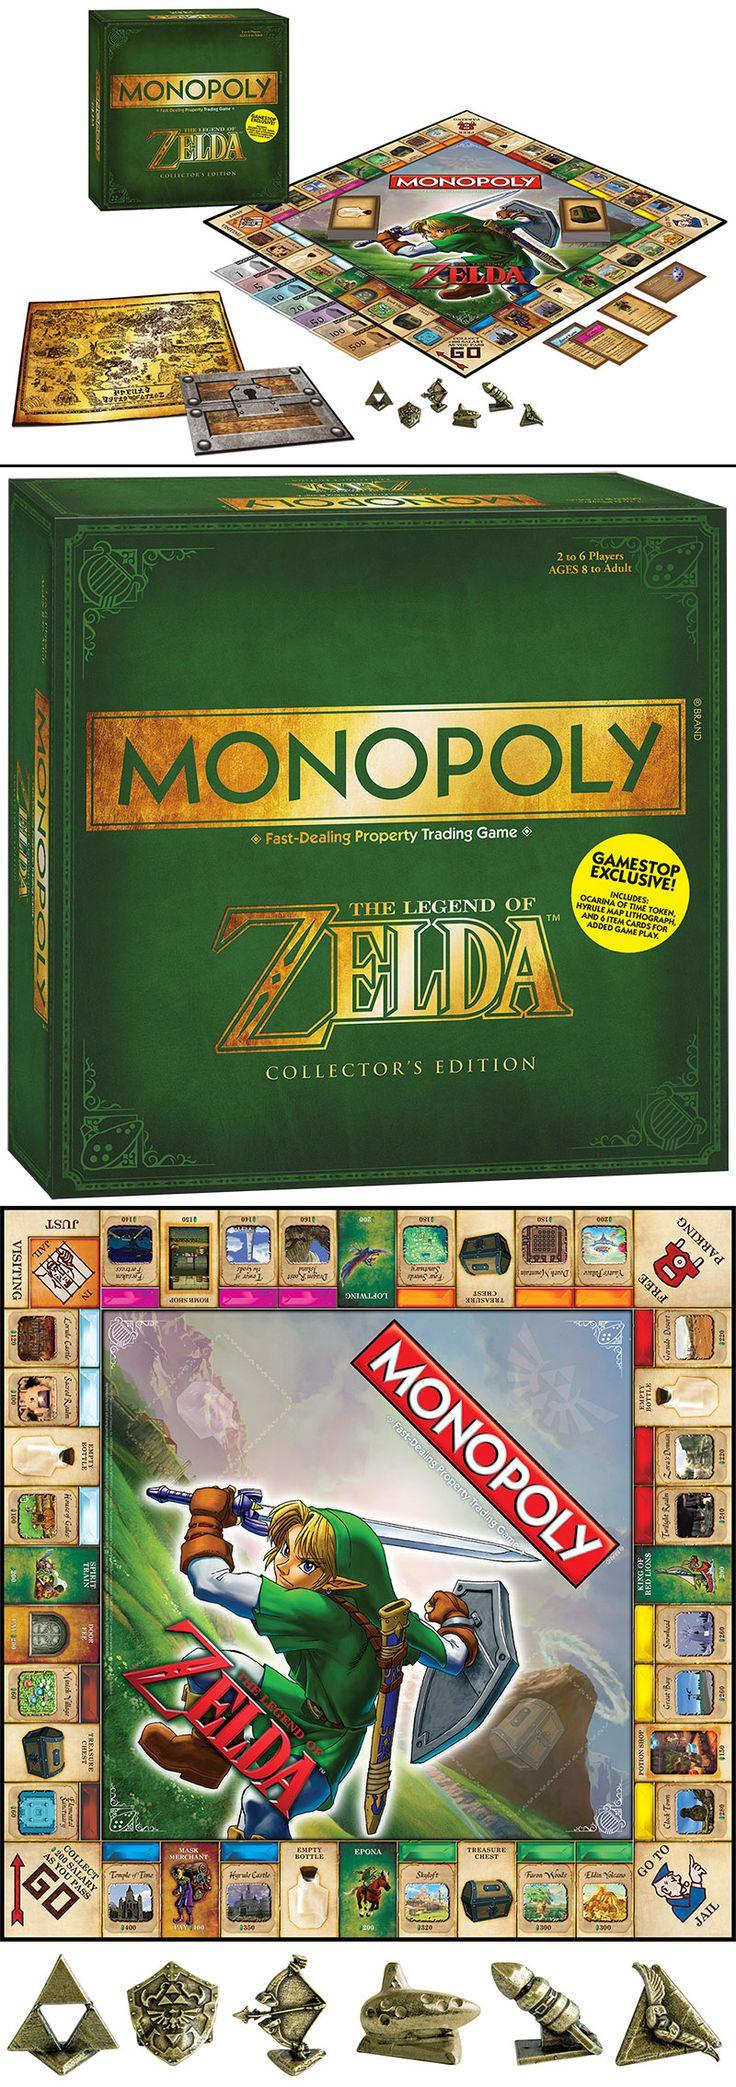 The Legend of Zelda Monopoly - Releasing September 15, 2014